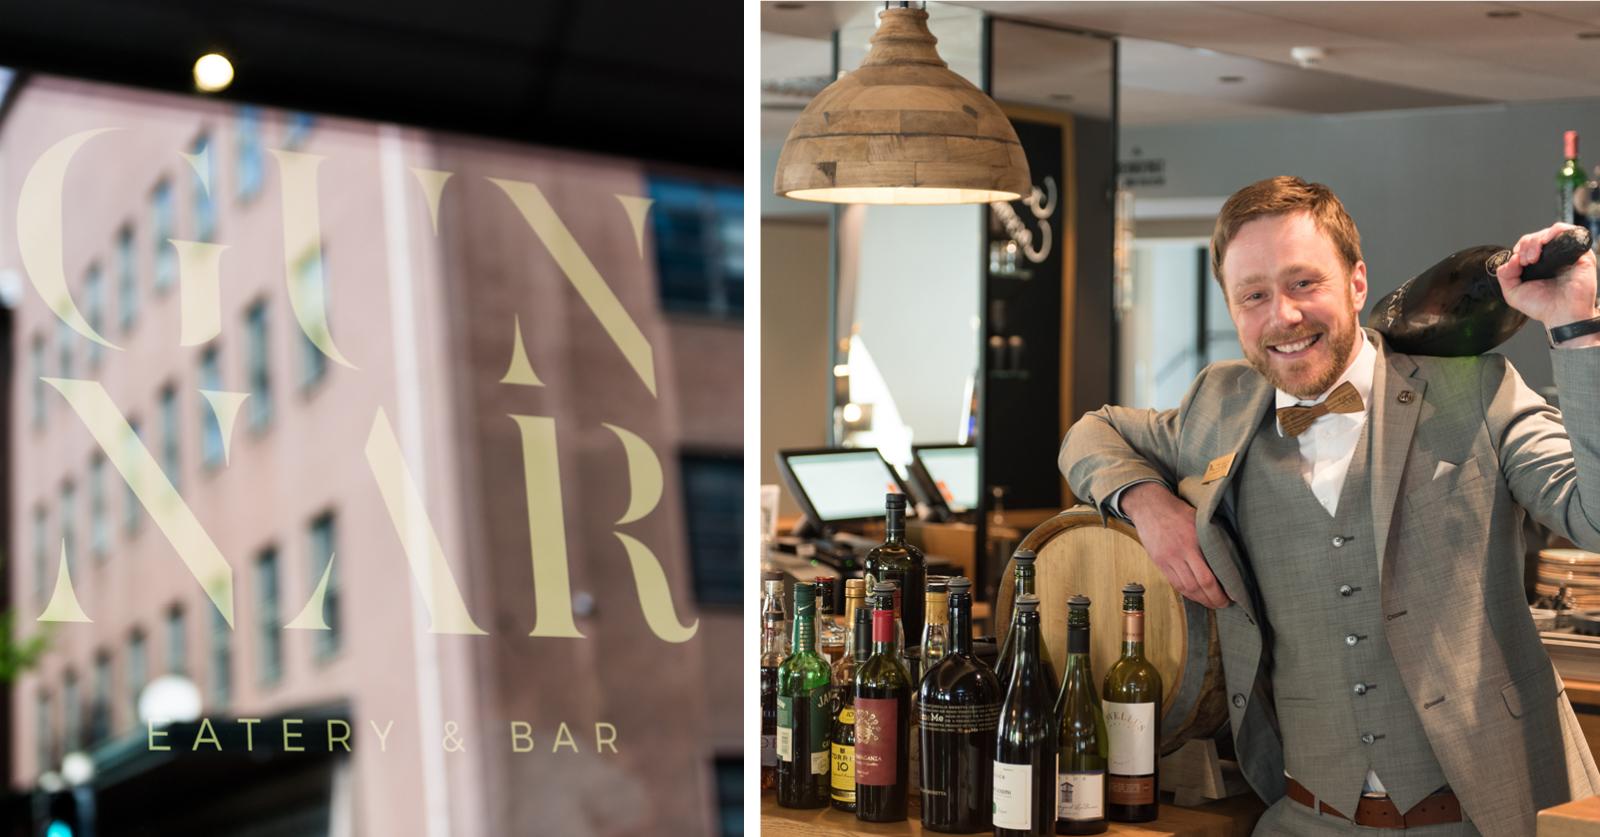 Gunnar Eatery & Bar Iso pullo on myös ekologinen valinta